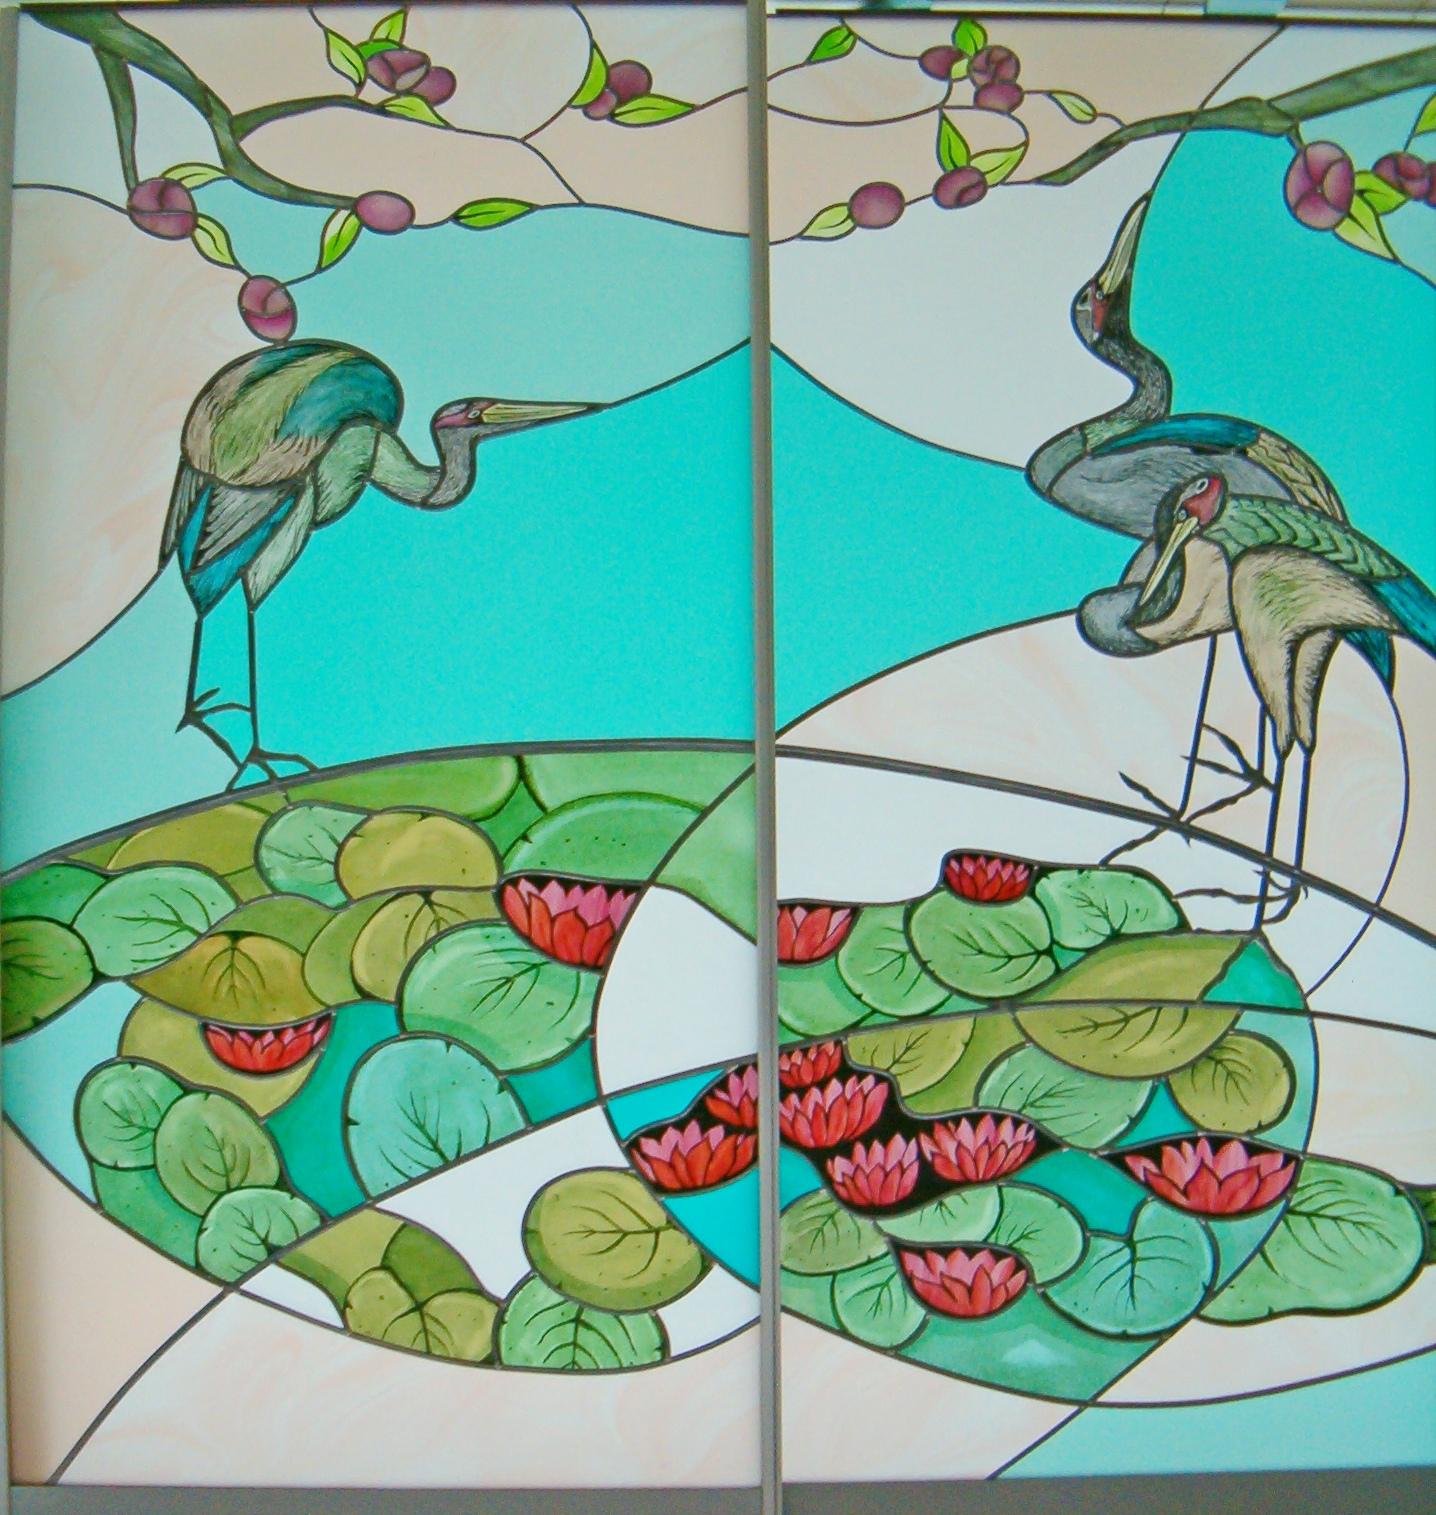 vitrail sur porte coulissante double sur le th me de la nature groupe salmon. Black Bedroom Furniture Sets. Home Design Ideas